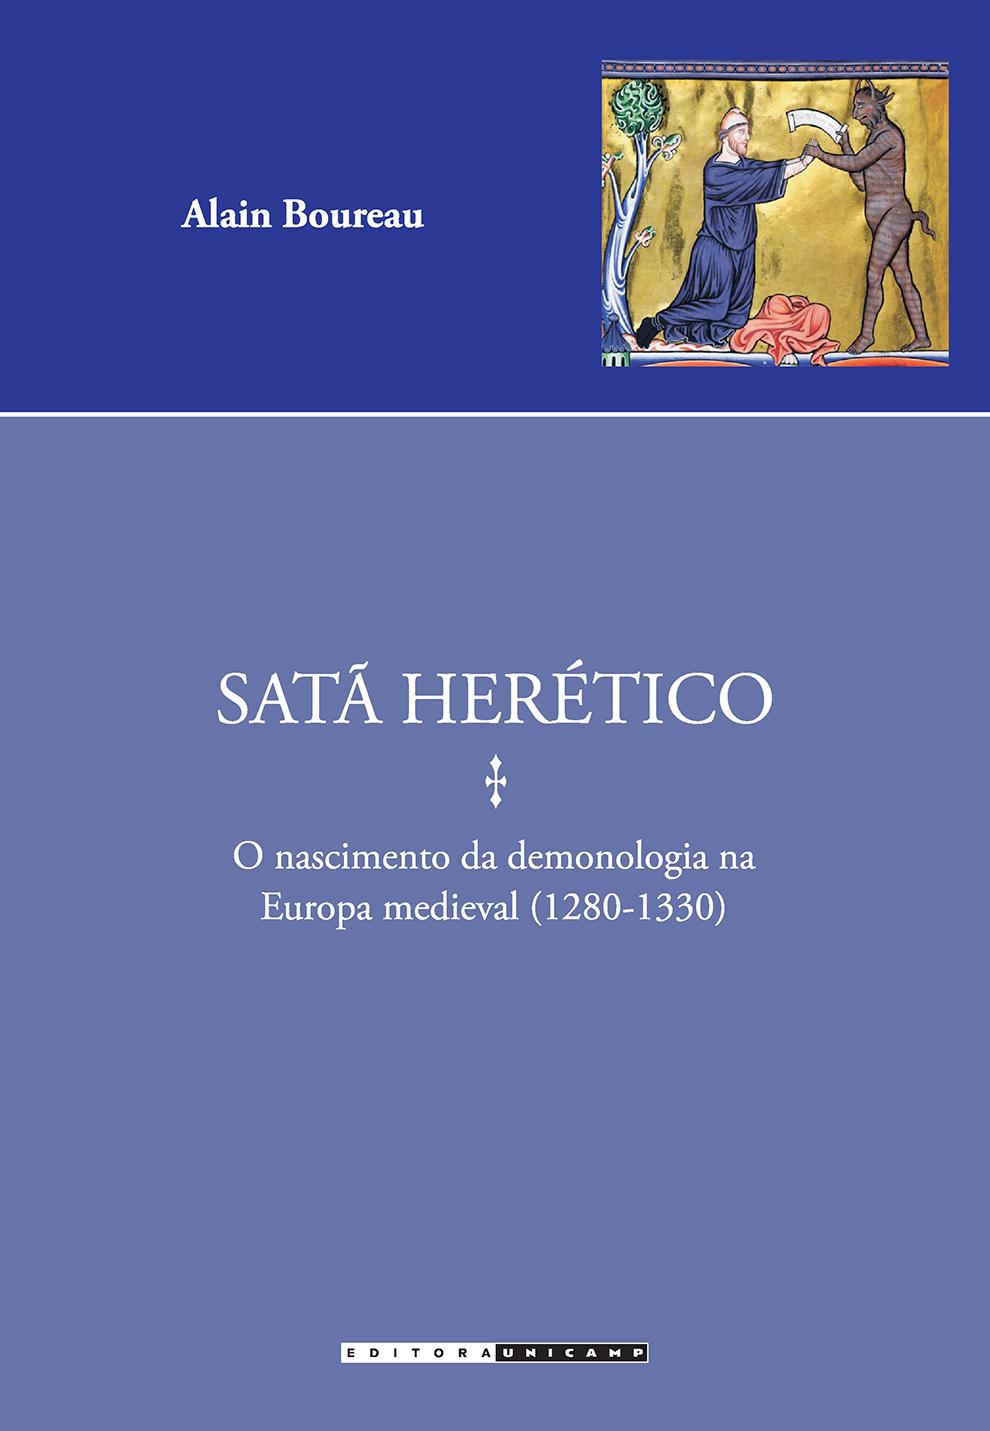 Satã Herético: O Nascimento da Demonologia na Europa Medieval (1280-1330) - Coleção Estudos Medievais, livro de Alain Boureau